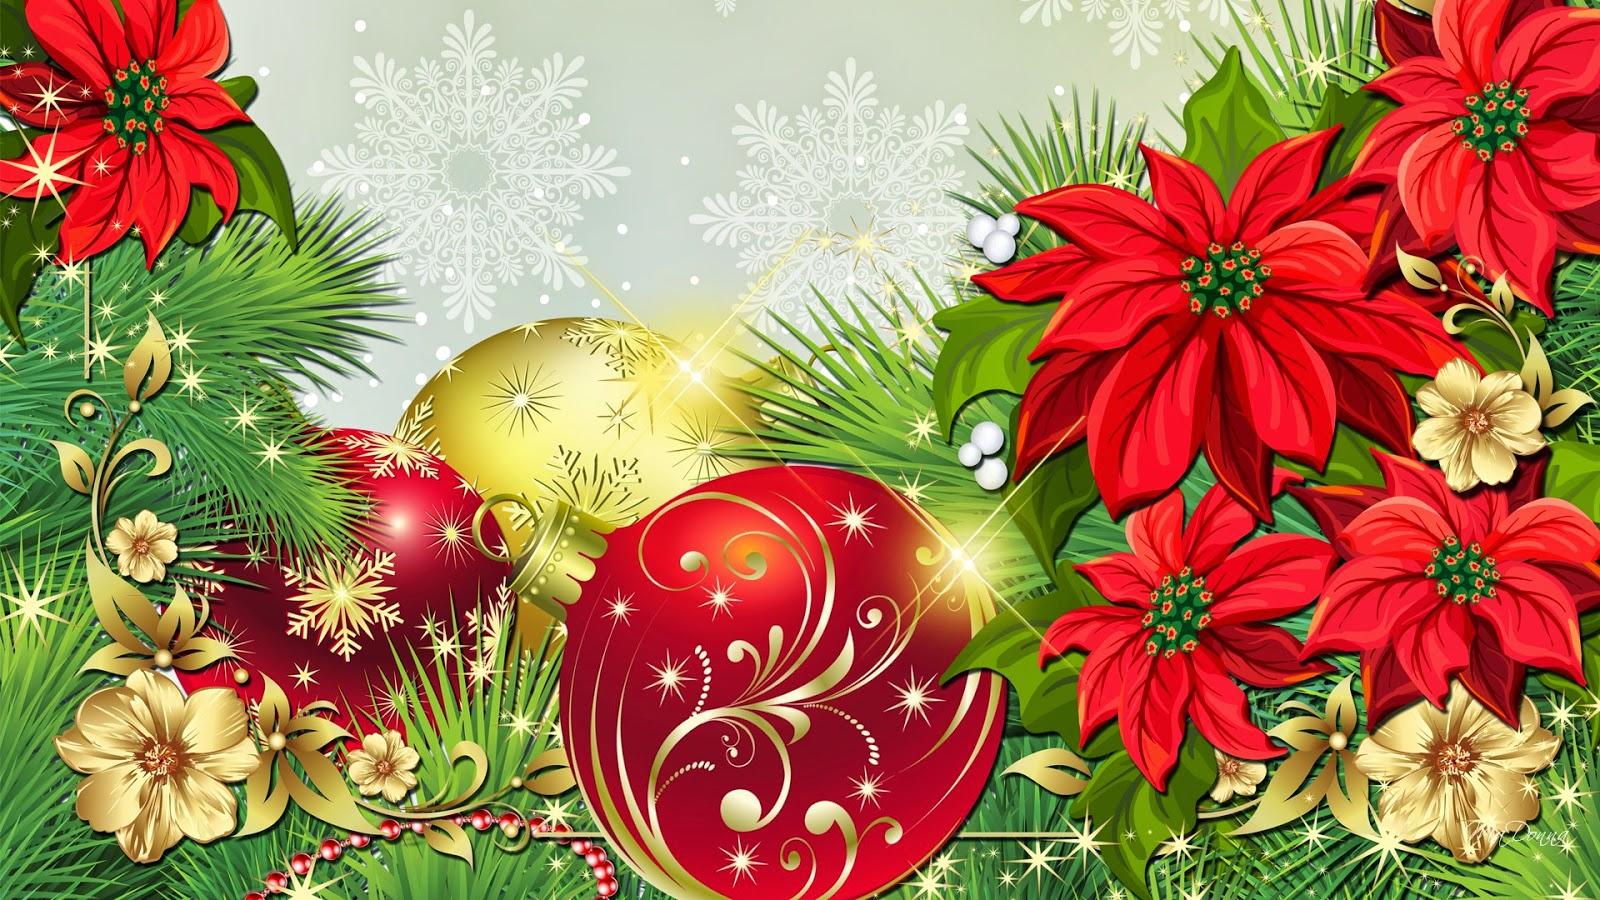 Banco de imagenes y fotos gratis wallpapers de navidad - Imagenes flores de navidad ...